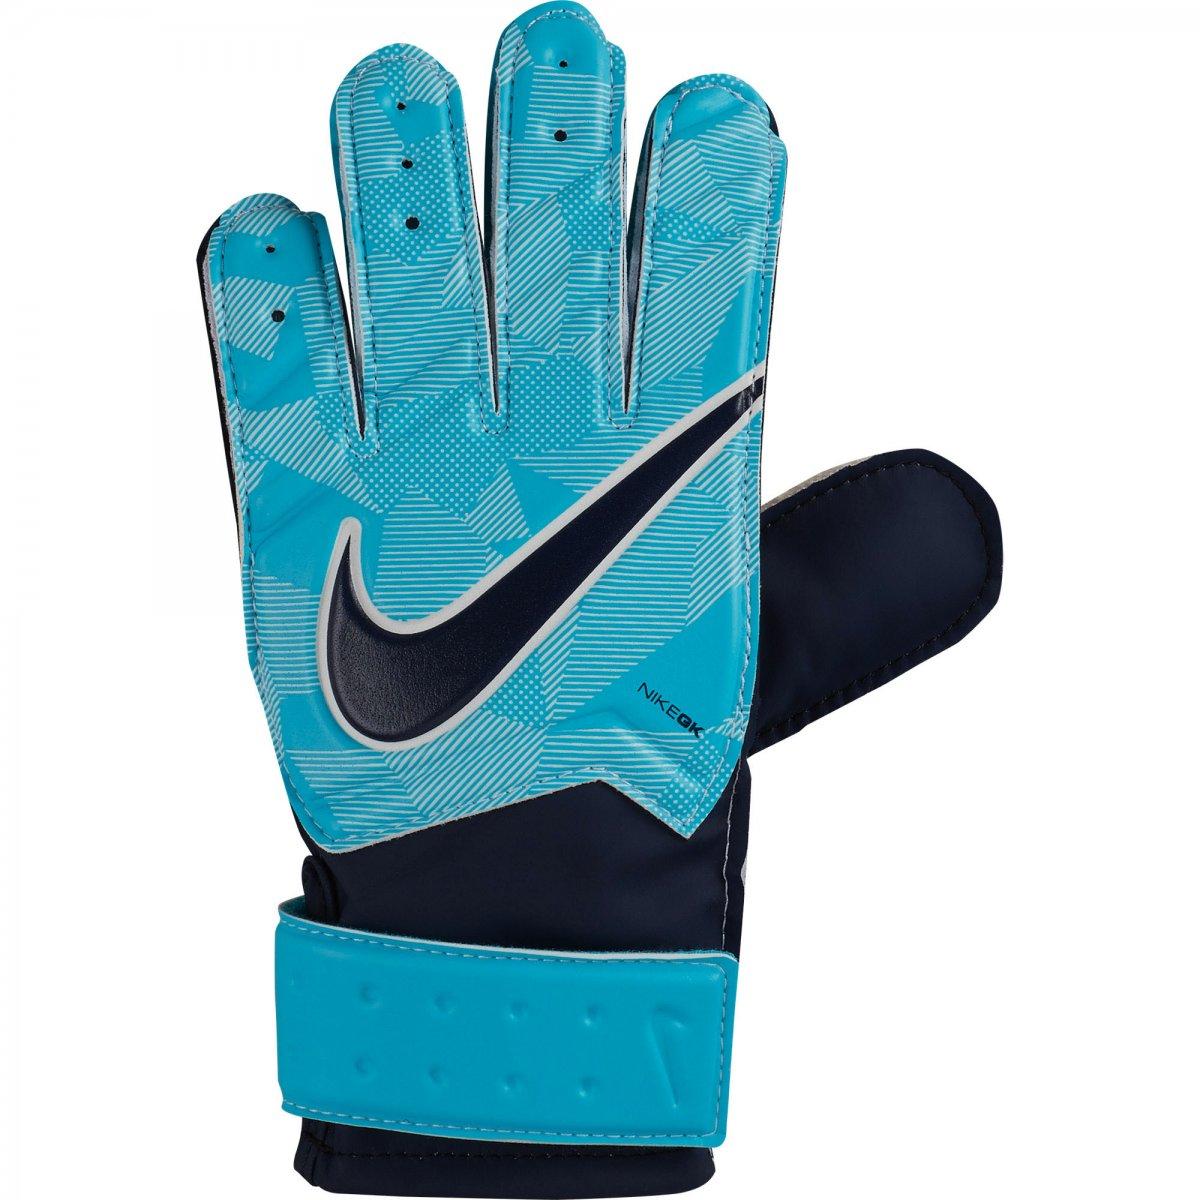 1f514f50a Luva de Goleiro Nike Match Infantil GS0343-414 - Azul - Atitude ...